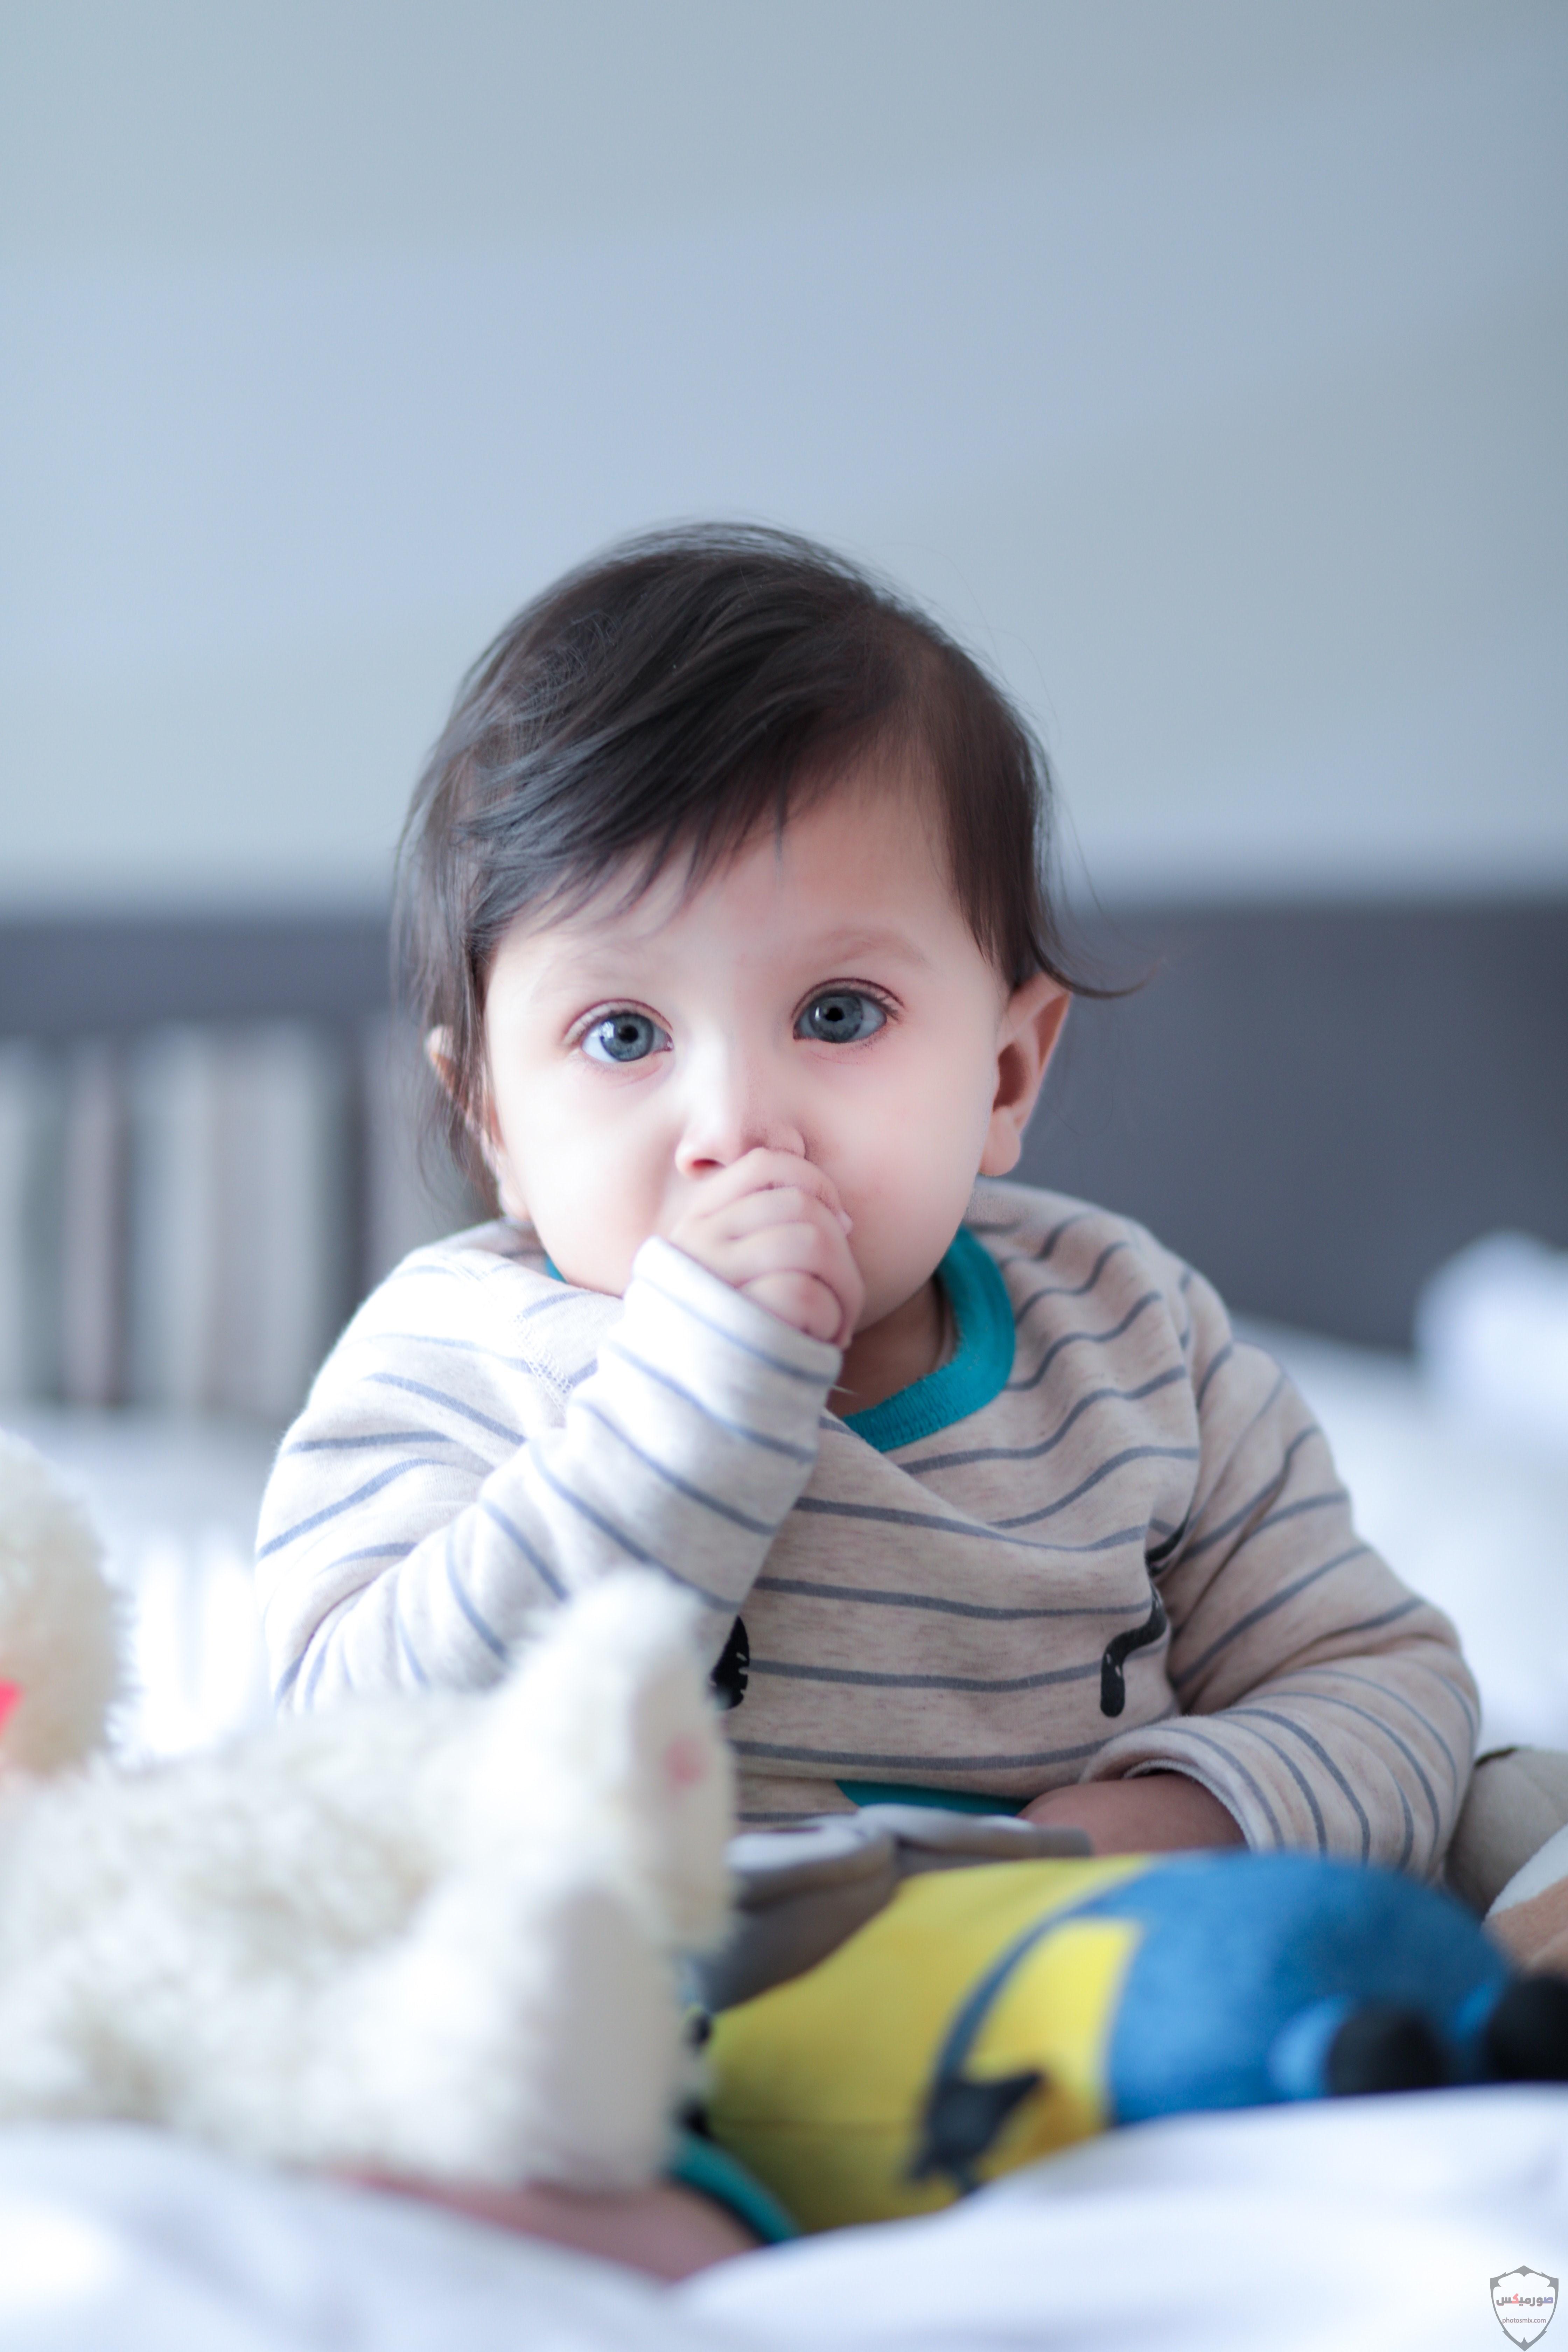 صور اطفال 2021 تحميل اكثر من 100 صور اطفال جميلة صور اطفال روعة 2020 22 1